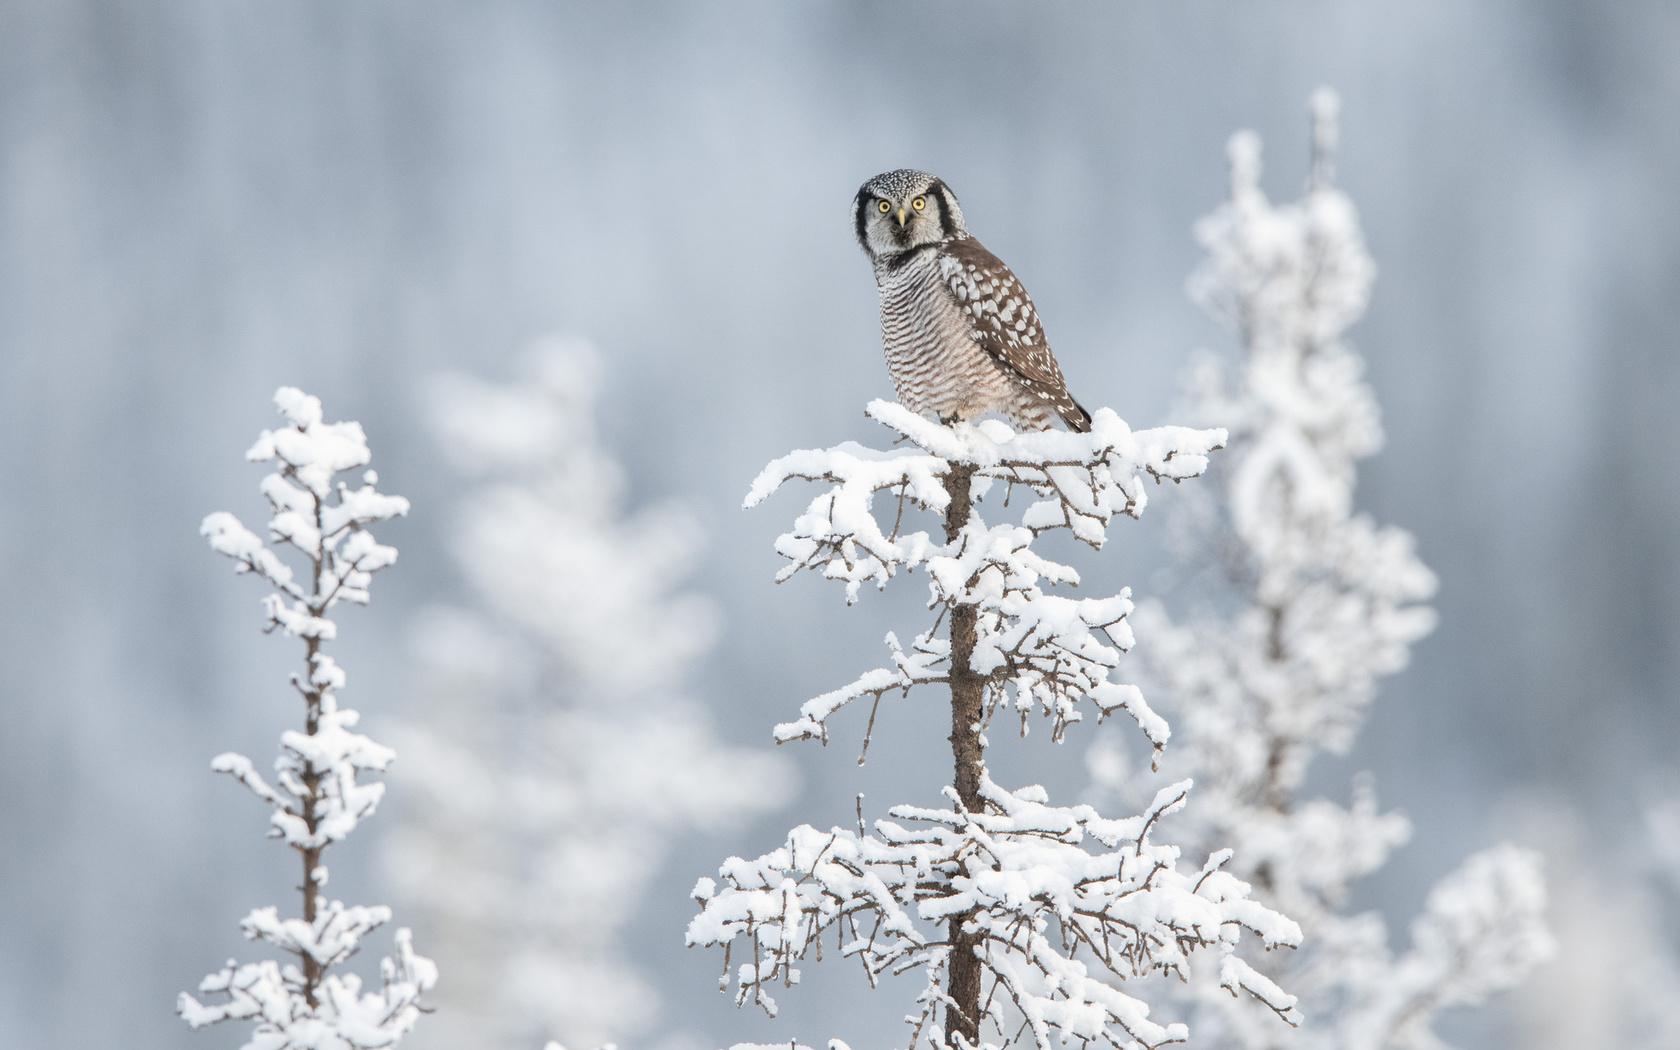 картинки совы зимой в лесу после заливки